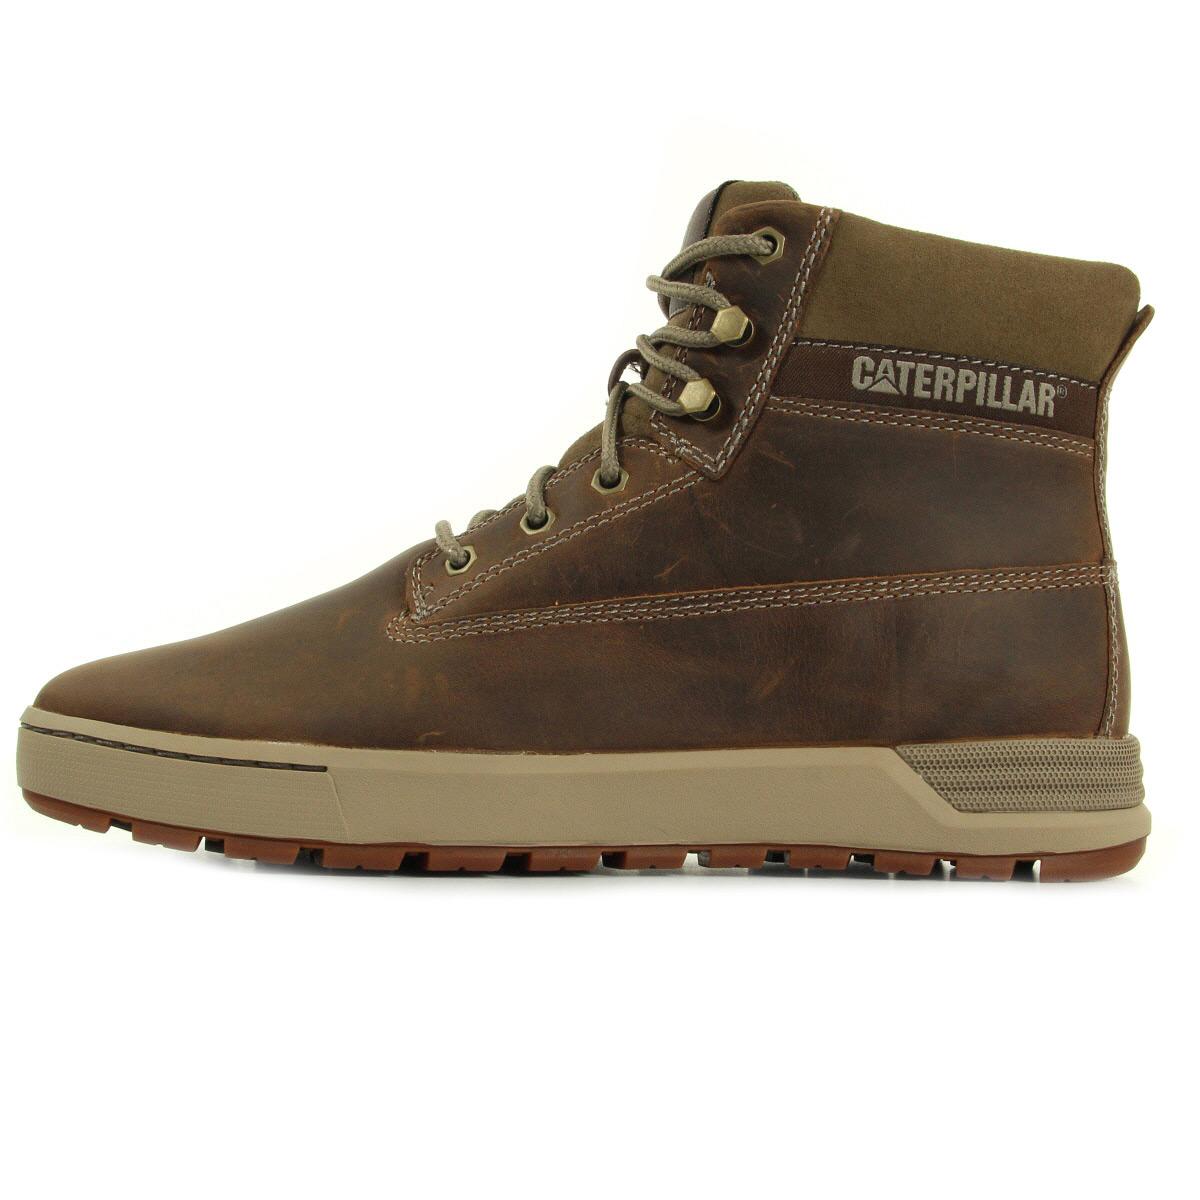 Caterpillar ryker dark beige p720432 boots homme - Chaussure homme caterpillar ...